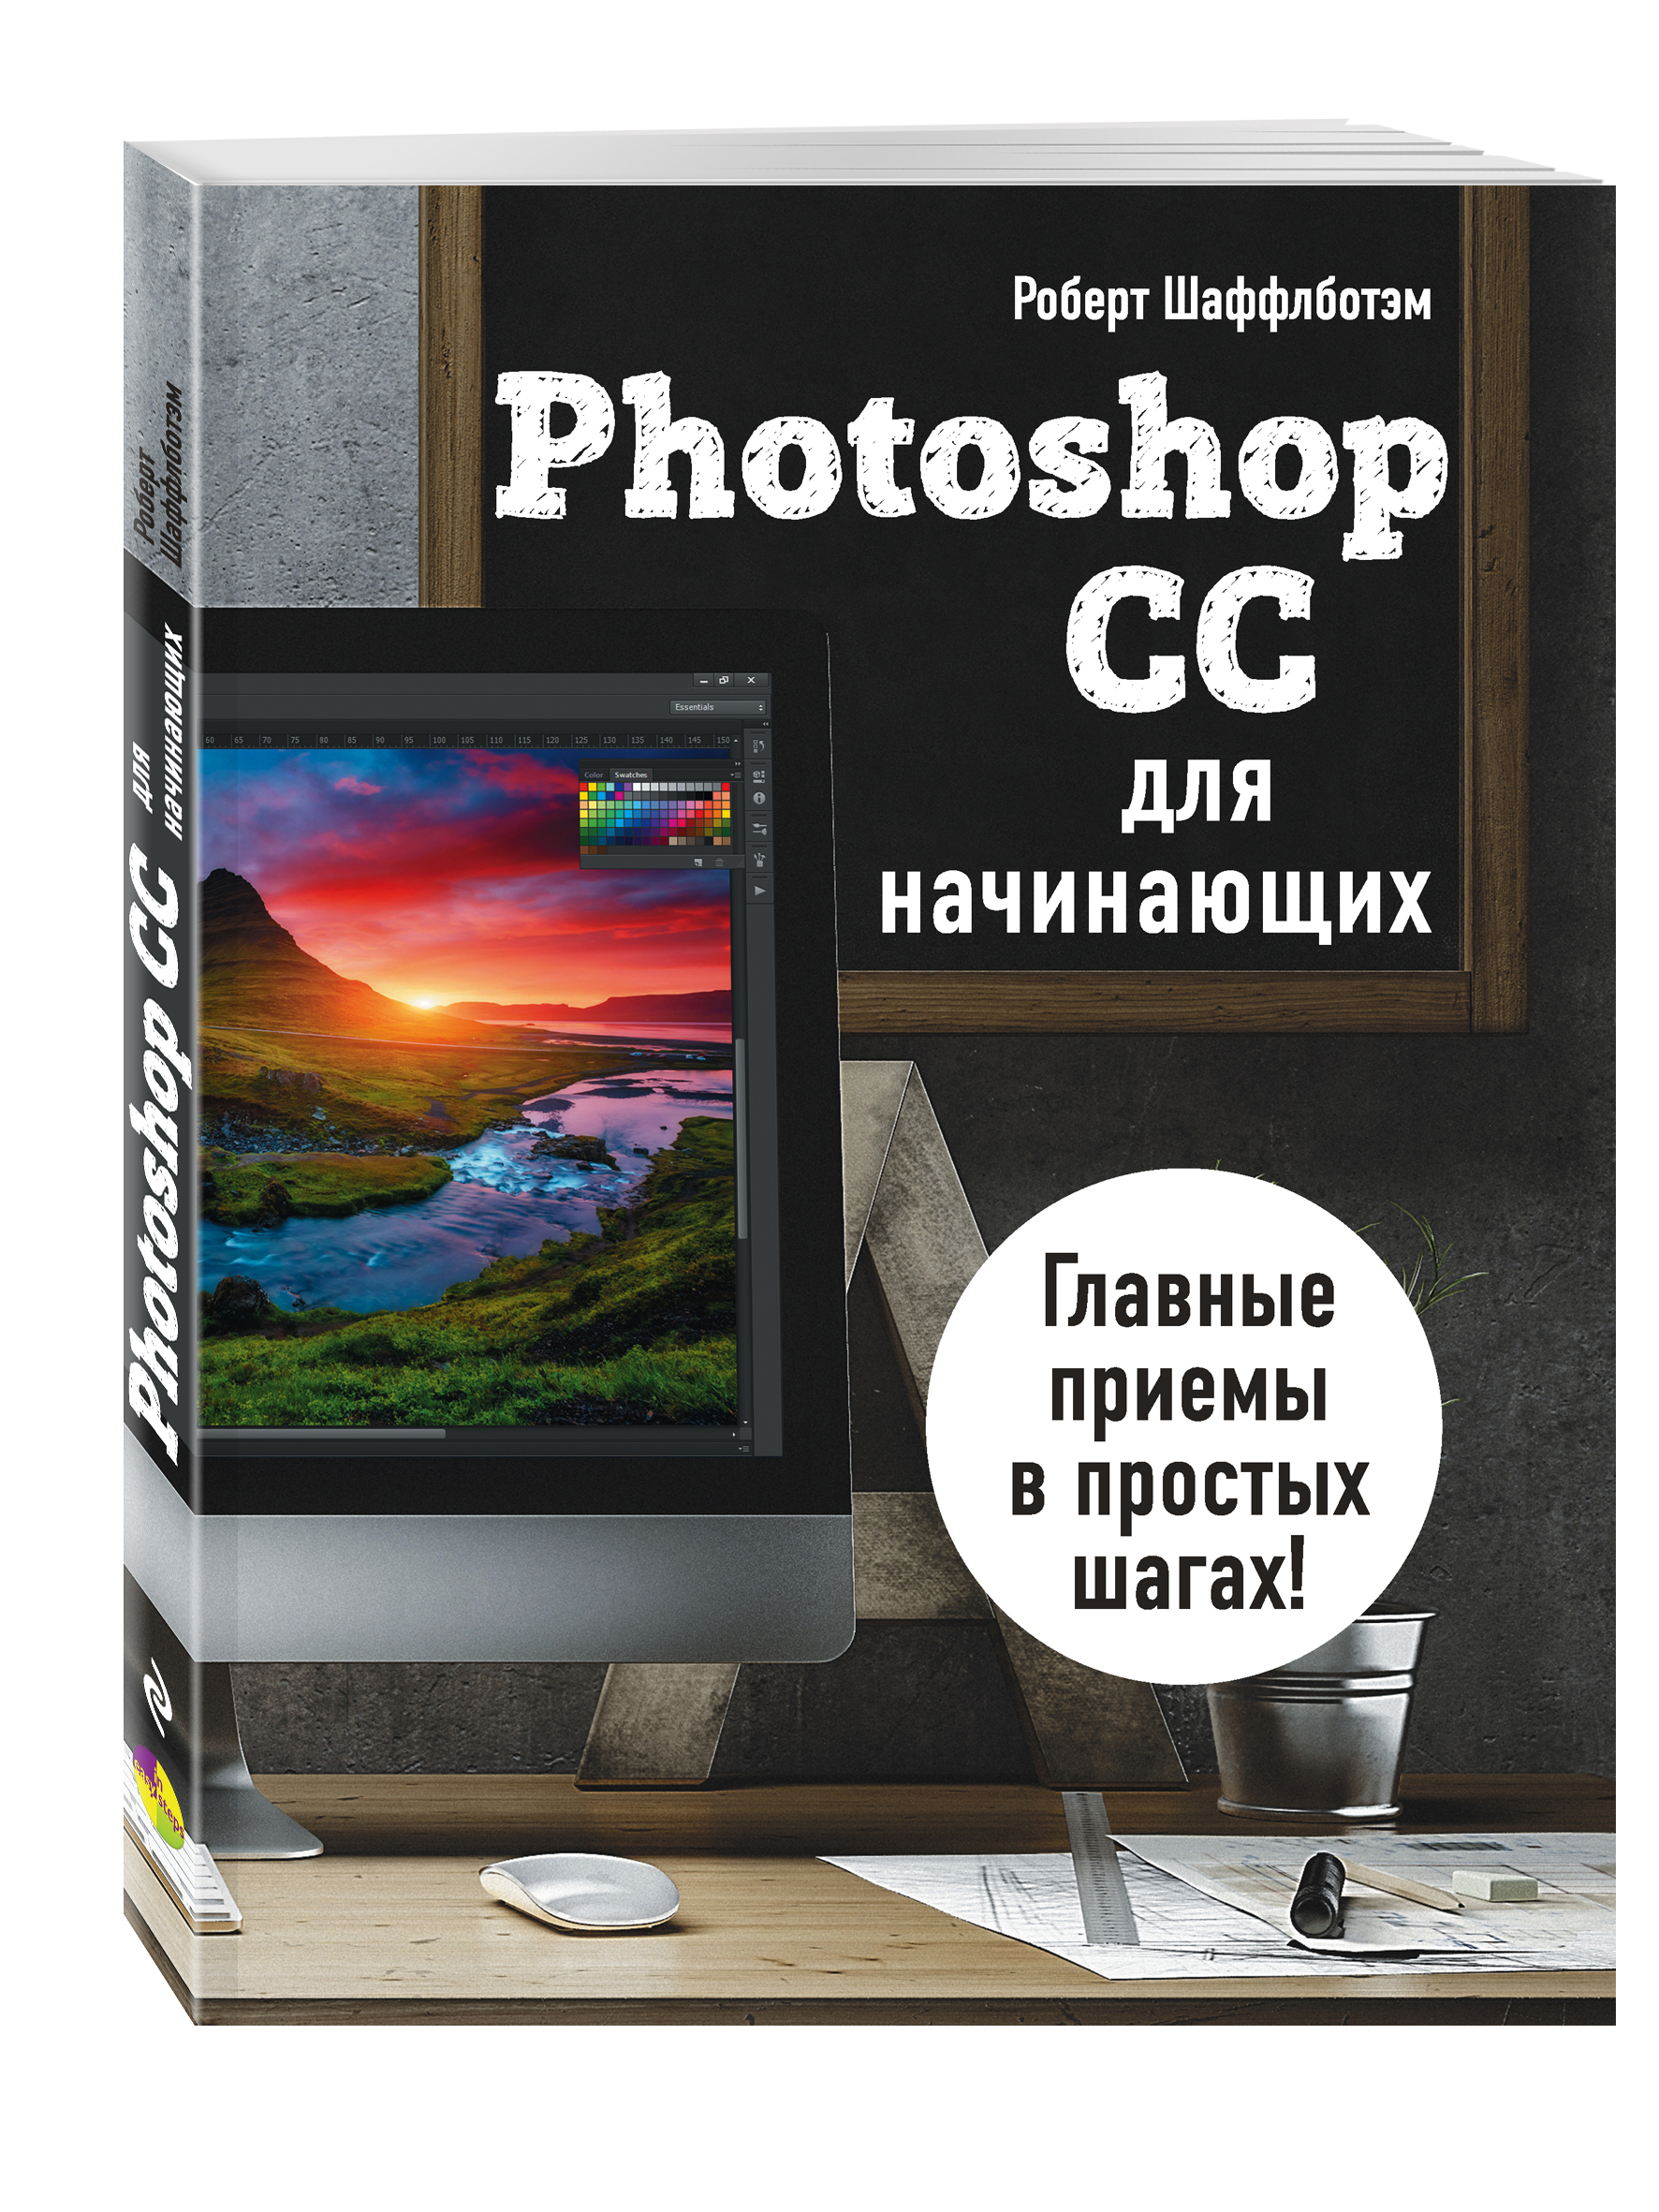 Фото - Роберт Шаффлботэм Photoshop CC для начинающих владислав дунаев photoshop cs5 понятный самоучитель